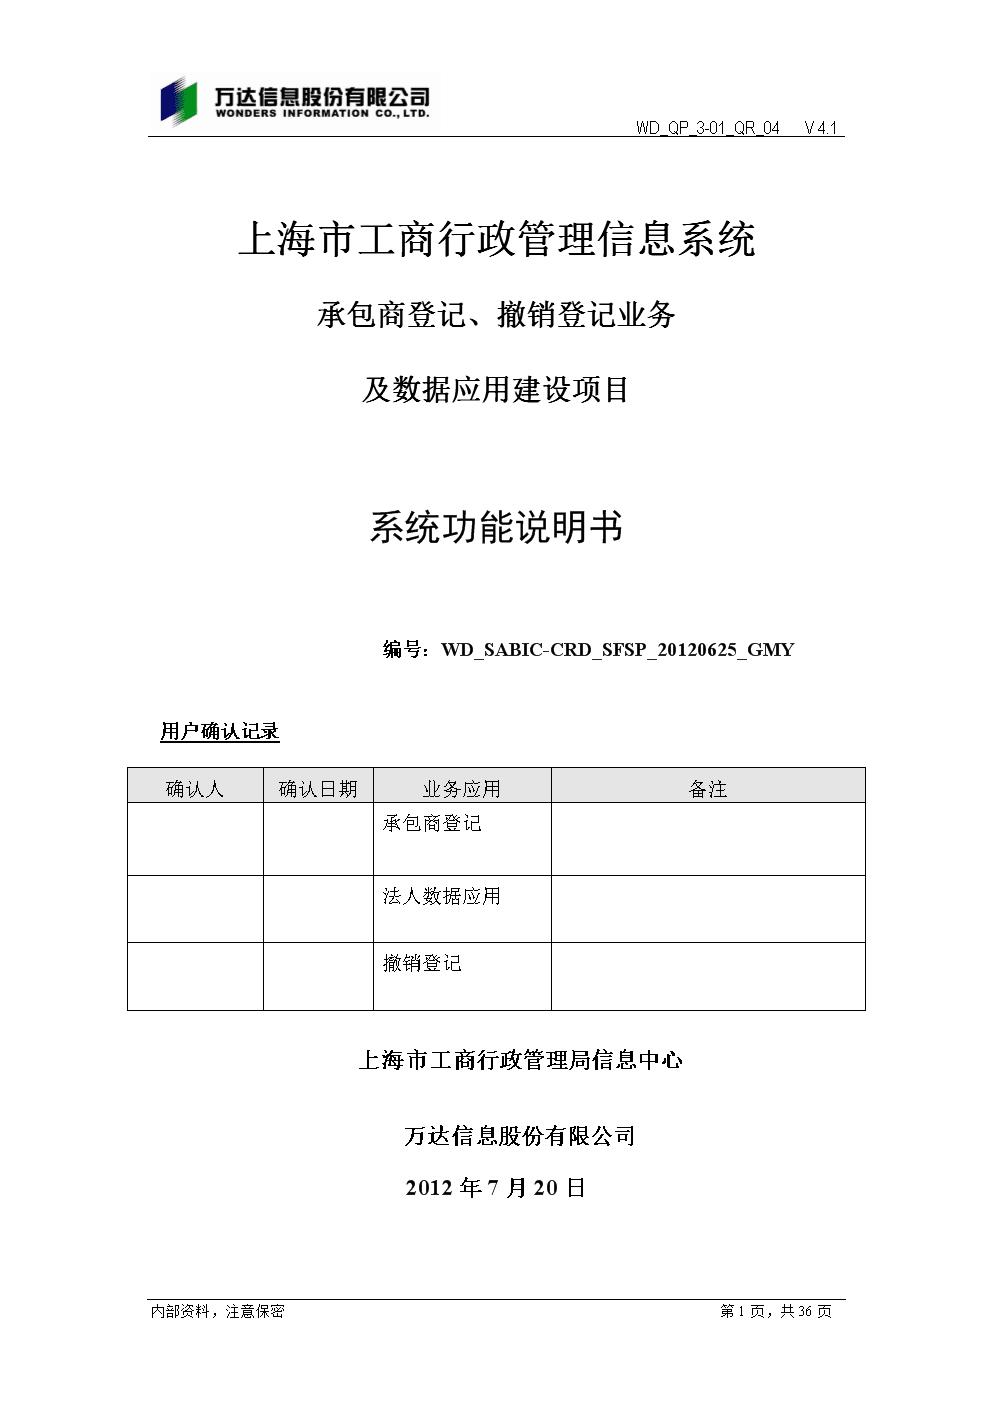 系统功能说明书20120625_GMY.doc